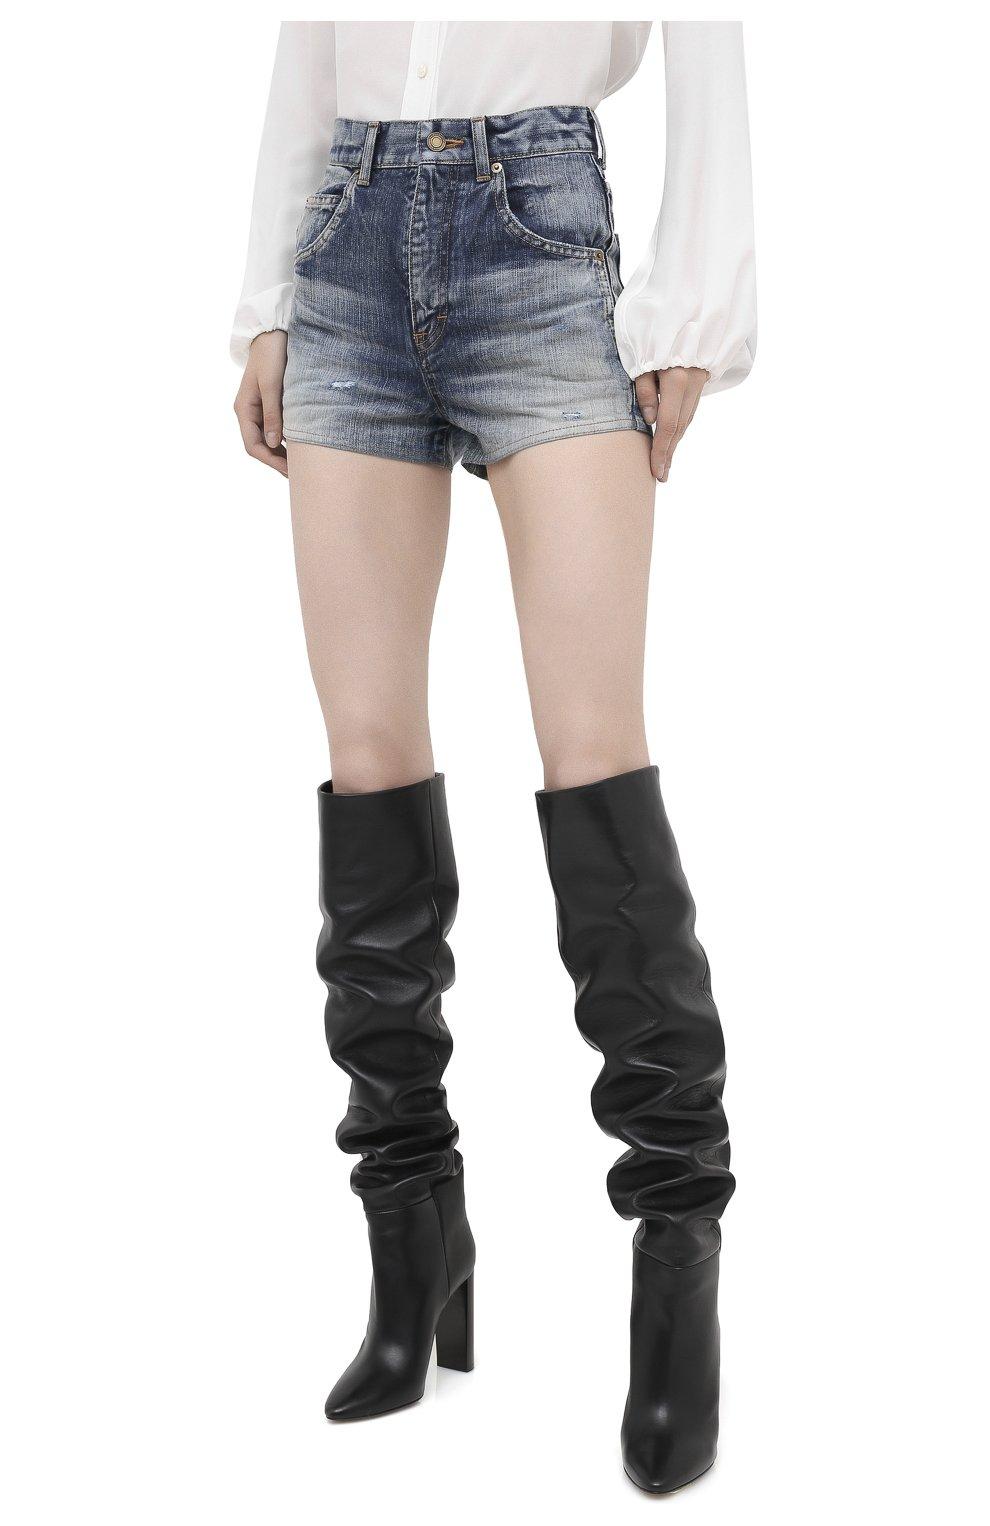 Женские джинсовые шорты SAINT LAURENT синего цвета, арт. 635478/Y896G   Фото 3 (Женское Кросс-КТ: Шорты-одежда; Кросс-КТ: Деним; Длина Ж (юбки, платья, шорты): Мини; Материал внешний: Хлопок; Стили: Кэжуэл)